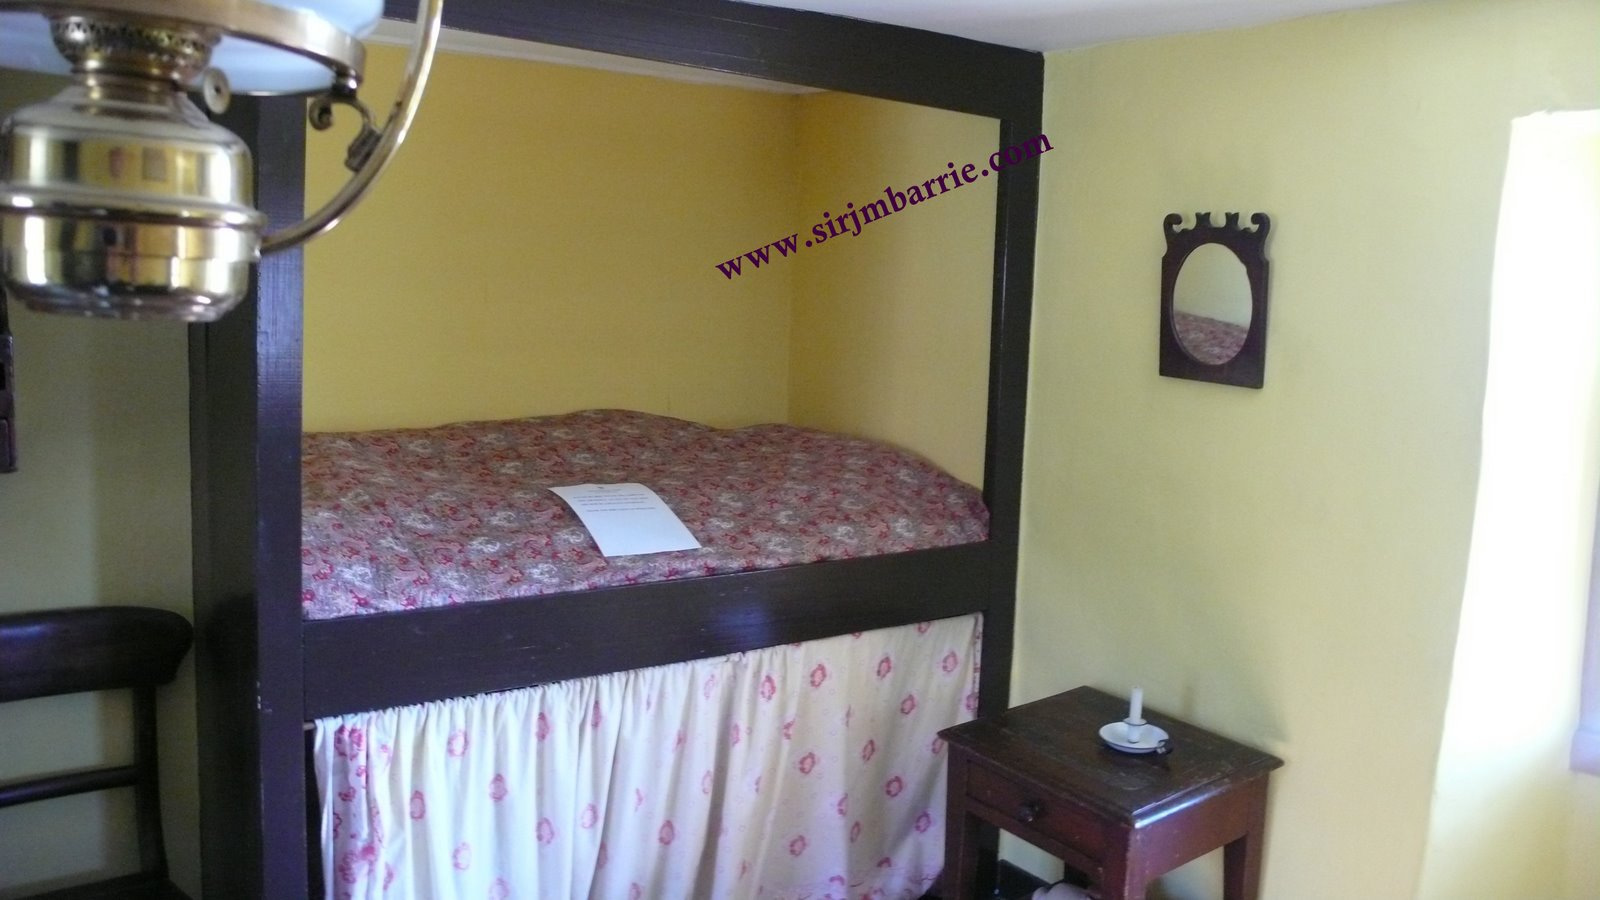 lit dans le mur meuble lit canape escamotable mur en pierre accent dans une maison rustique. Black Bedroom Furniture Sets. Home Design Ideas